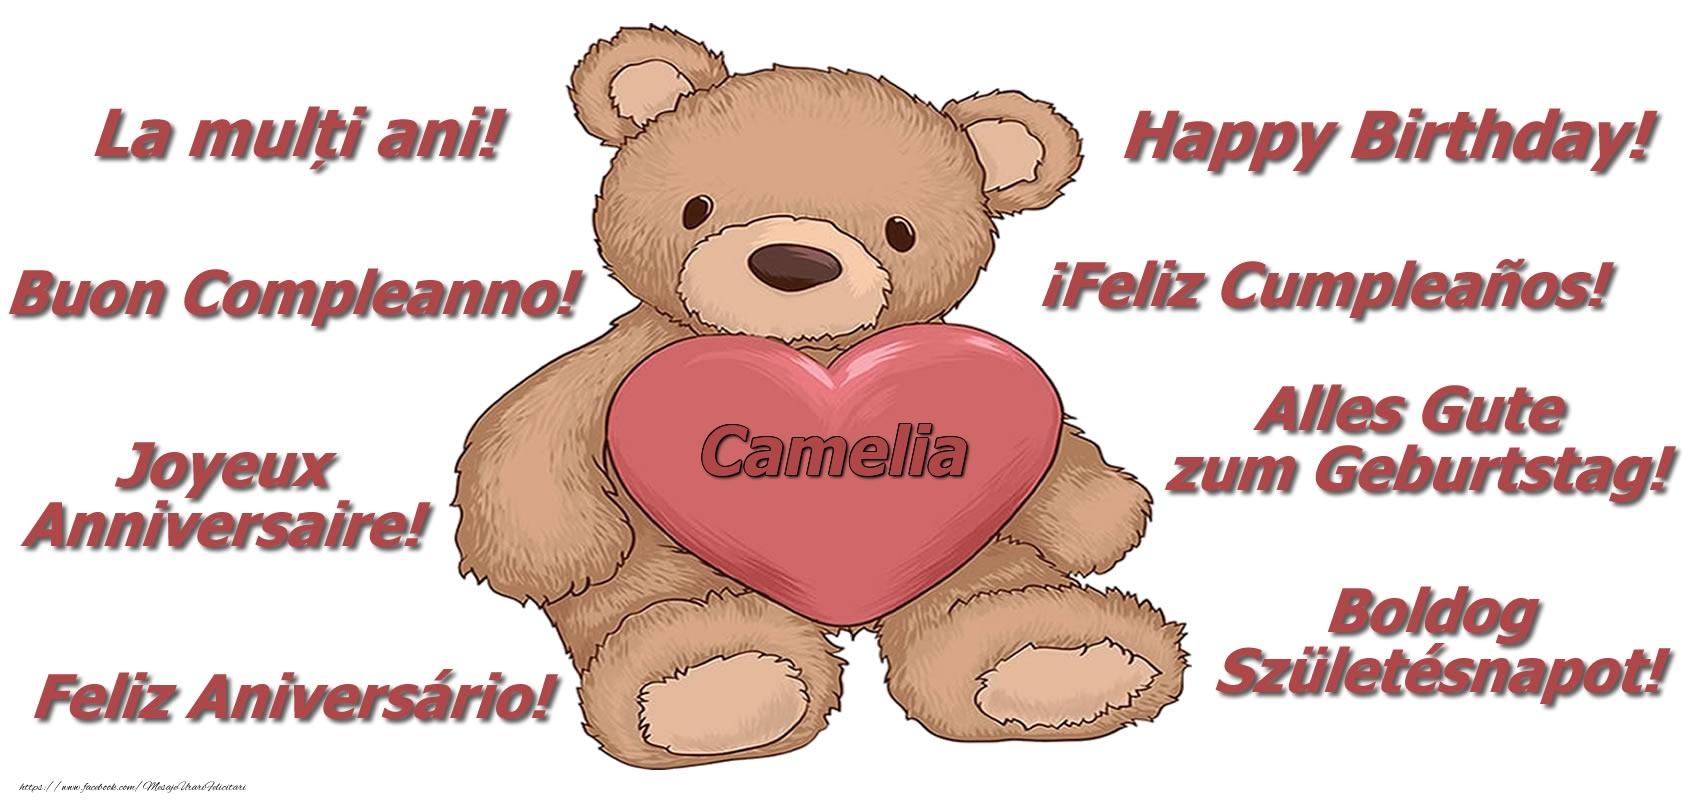 Felicitari de zi de nastere - La multi ani Camelia! - Ursulet